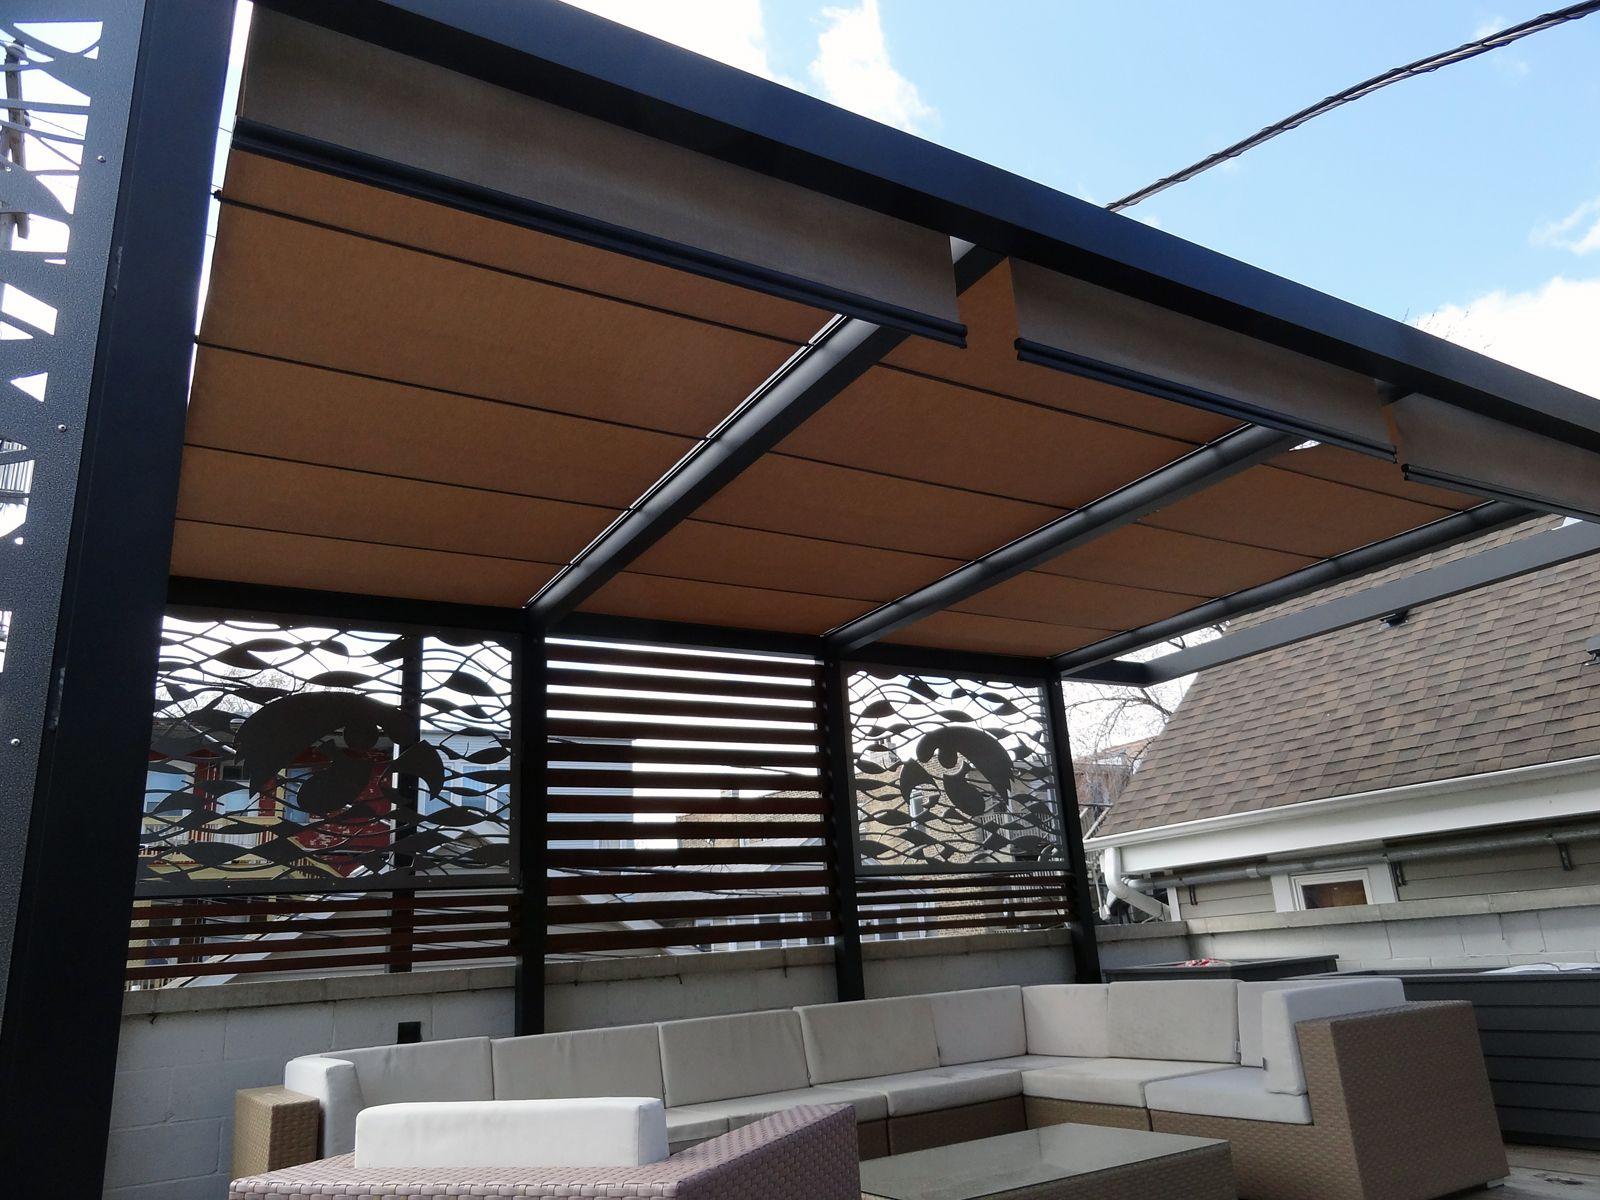 Roof Deck Pergola Retractable Shades